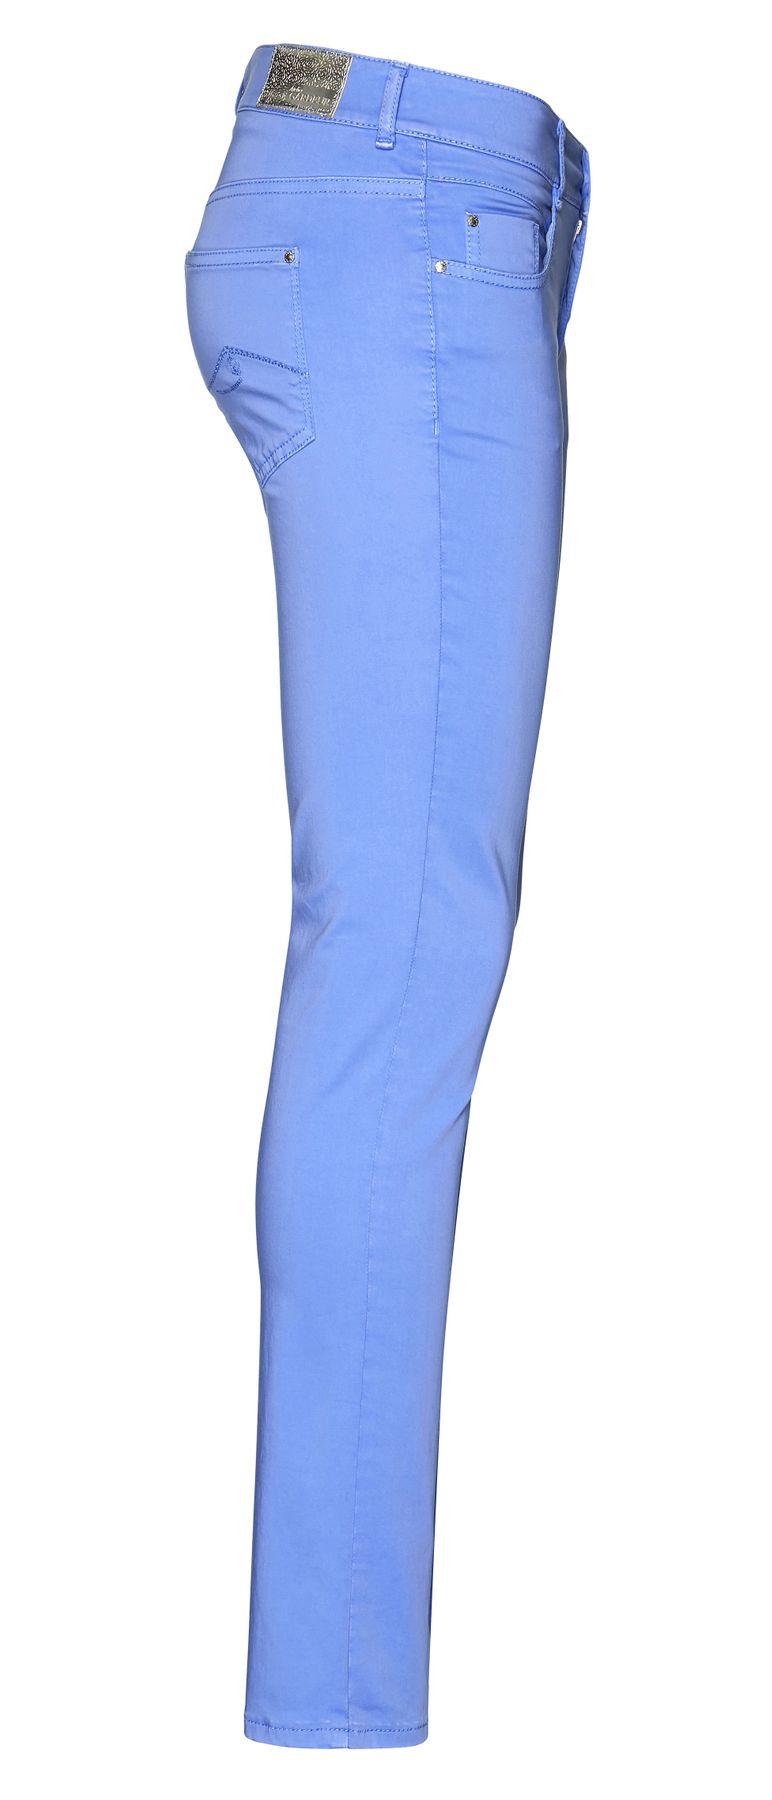 Atelier Gardeur - Slim Fit - Damen 5-Pocket aus Baumwollsatin, verschiedene Farben - Zuri (080501) – Bild 17